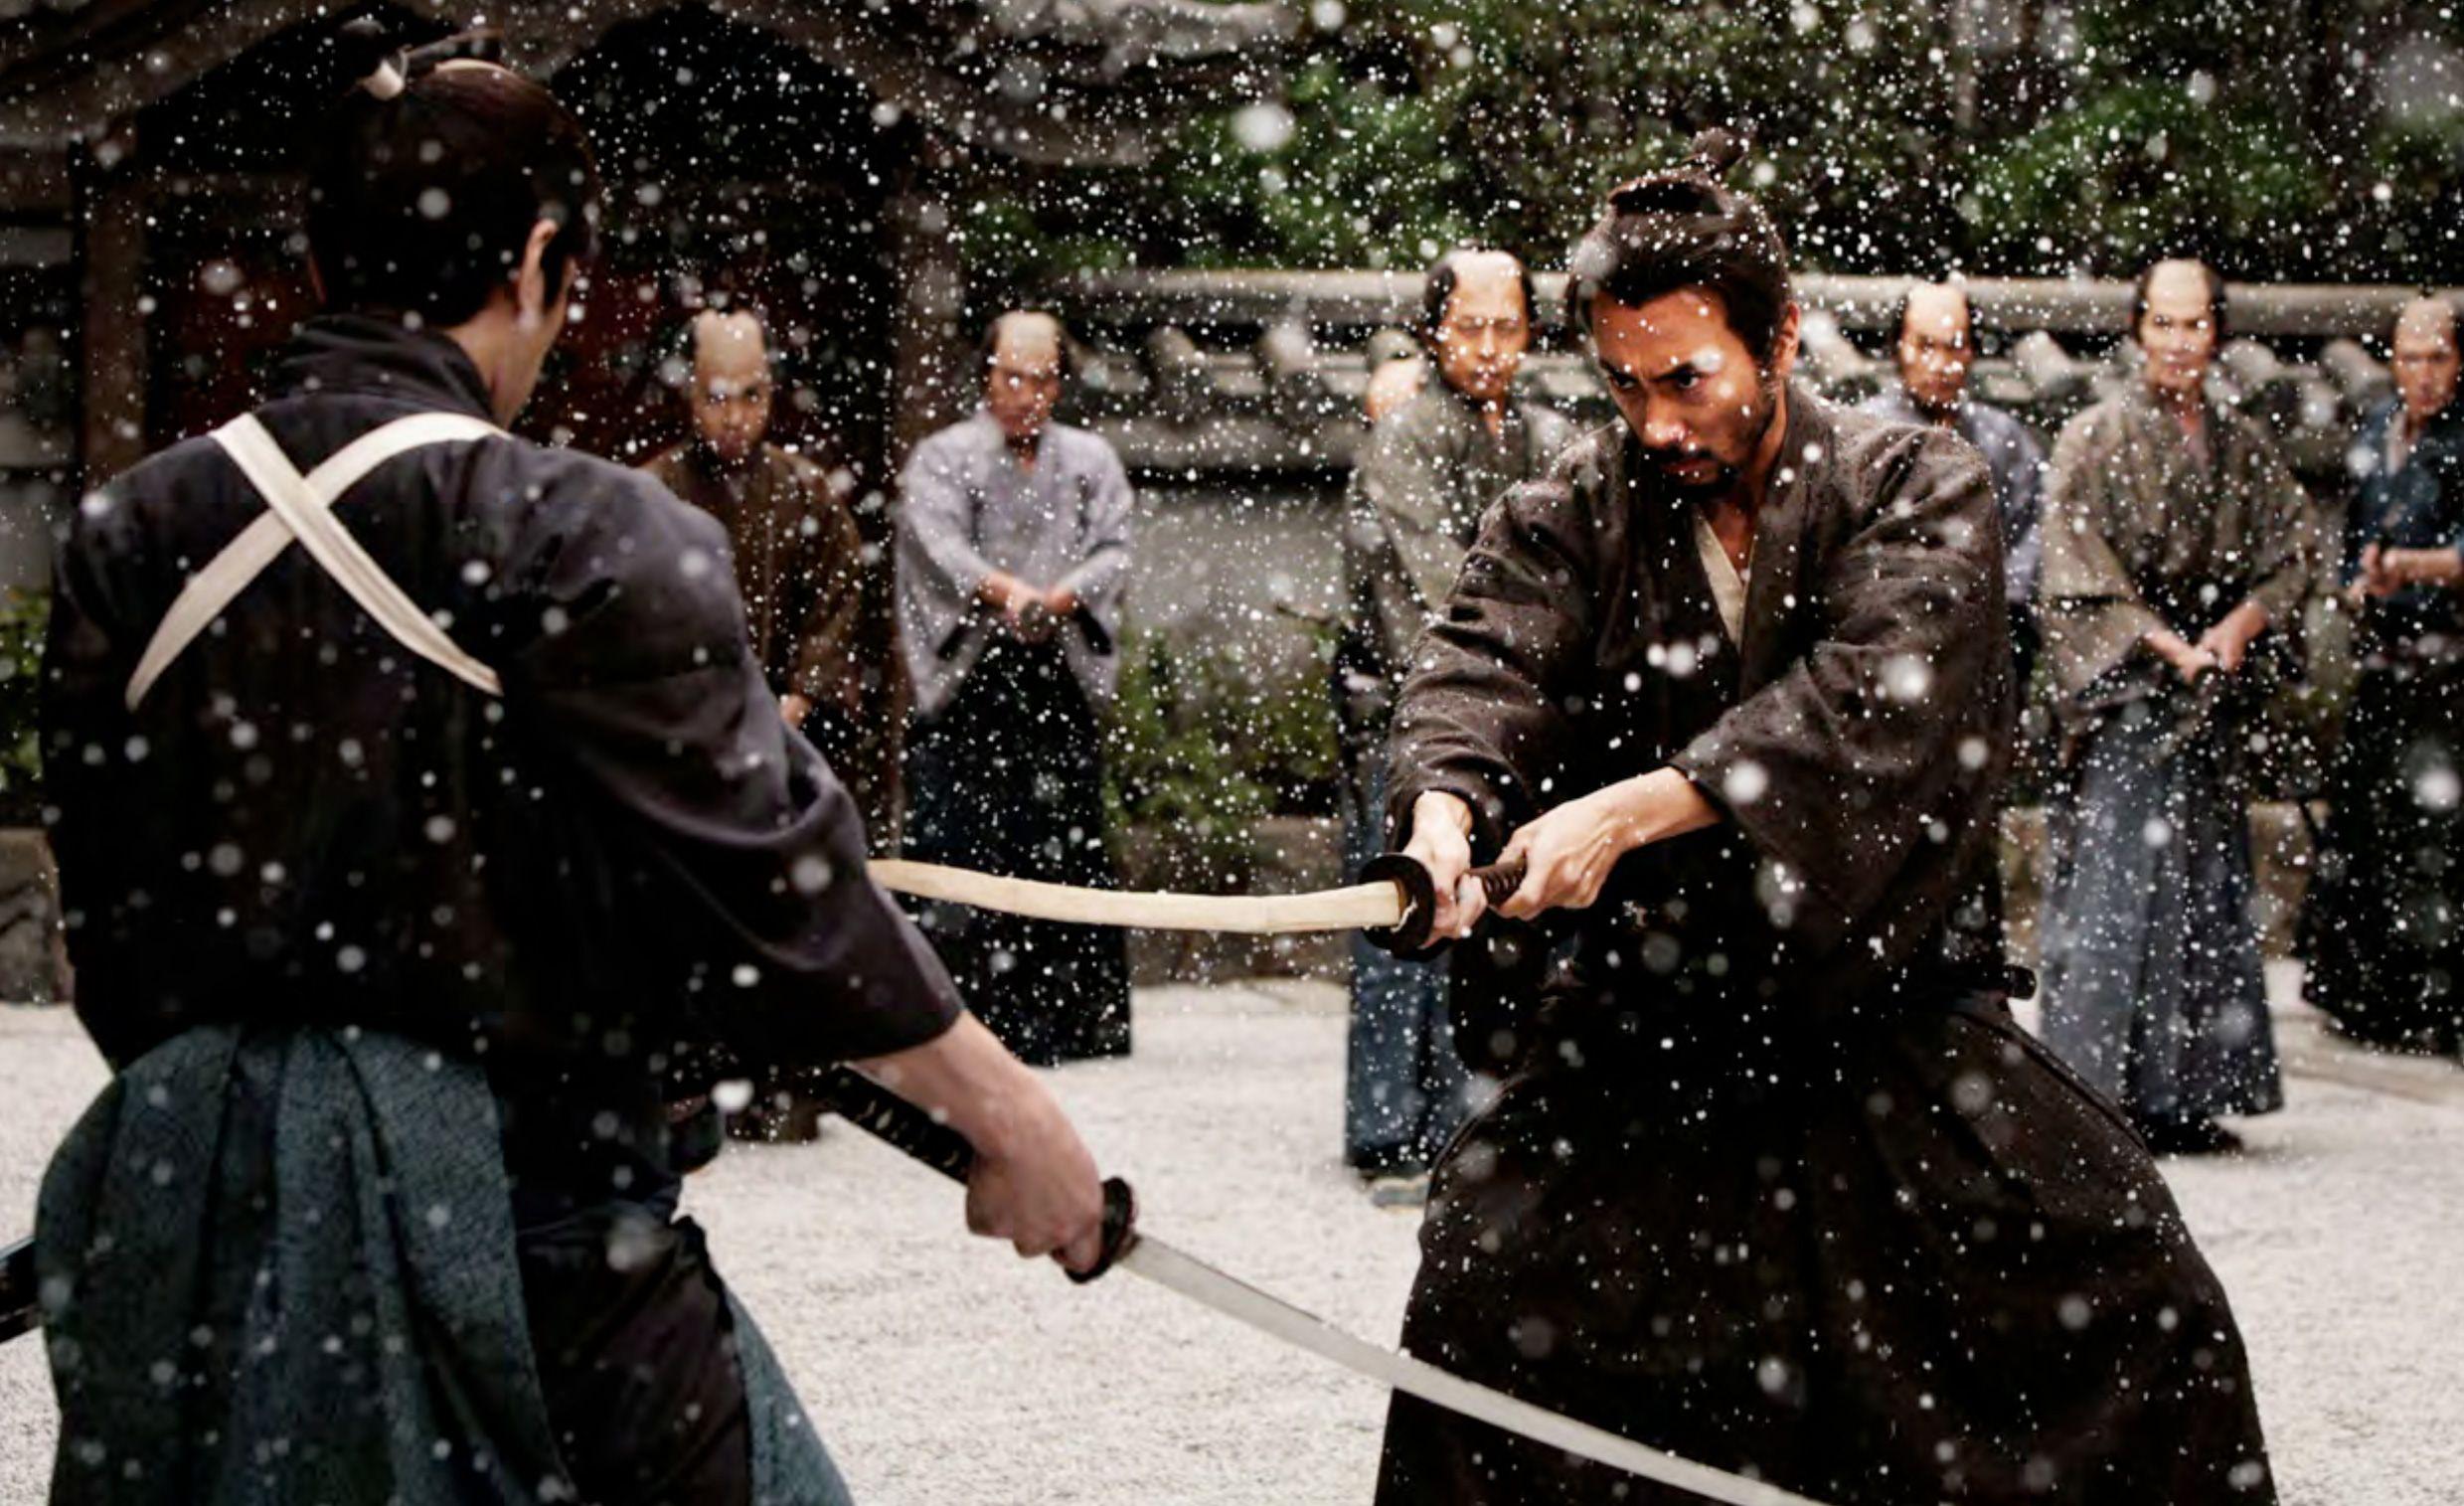 шерсти фильмы о самураях лучшие образом